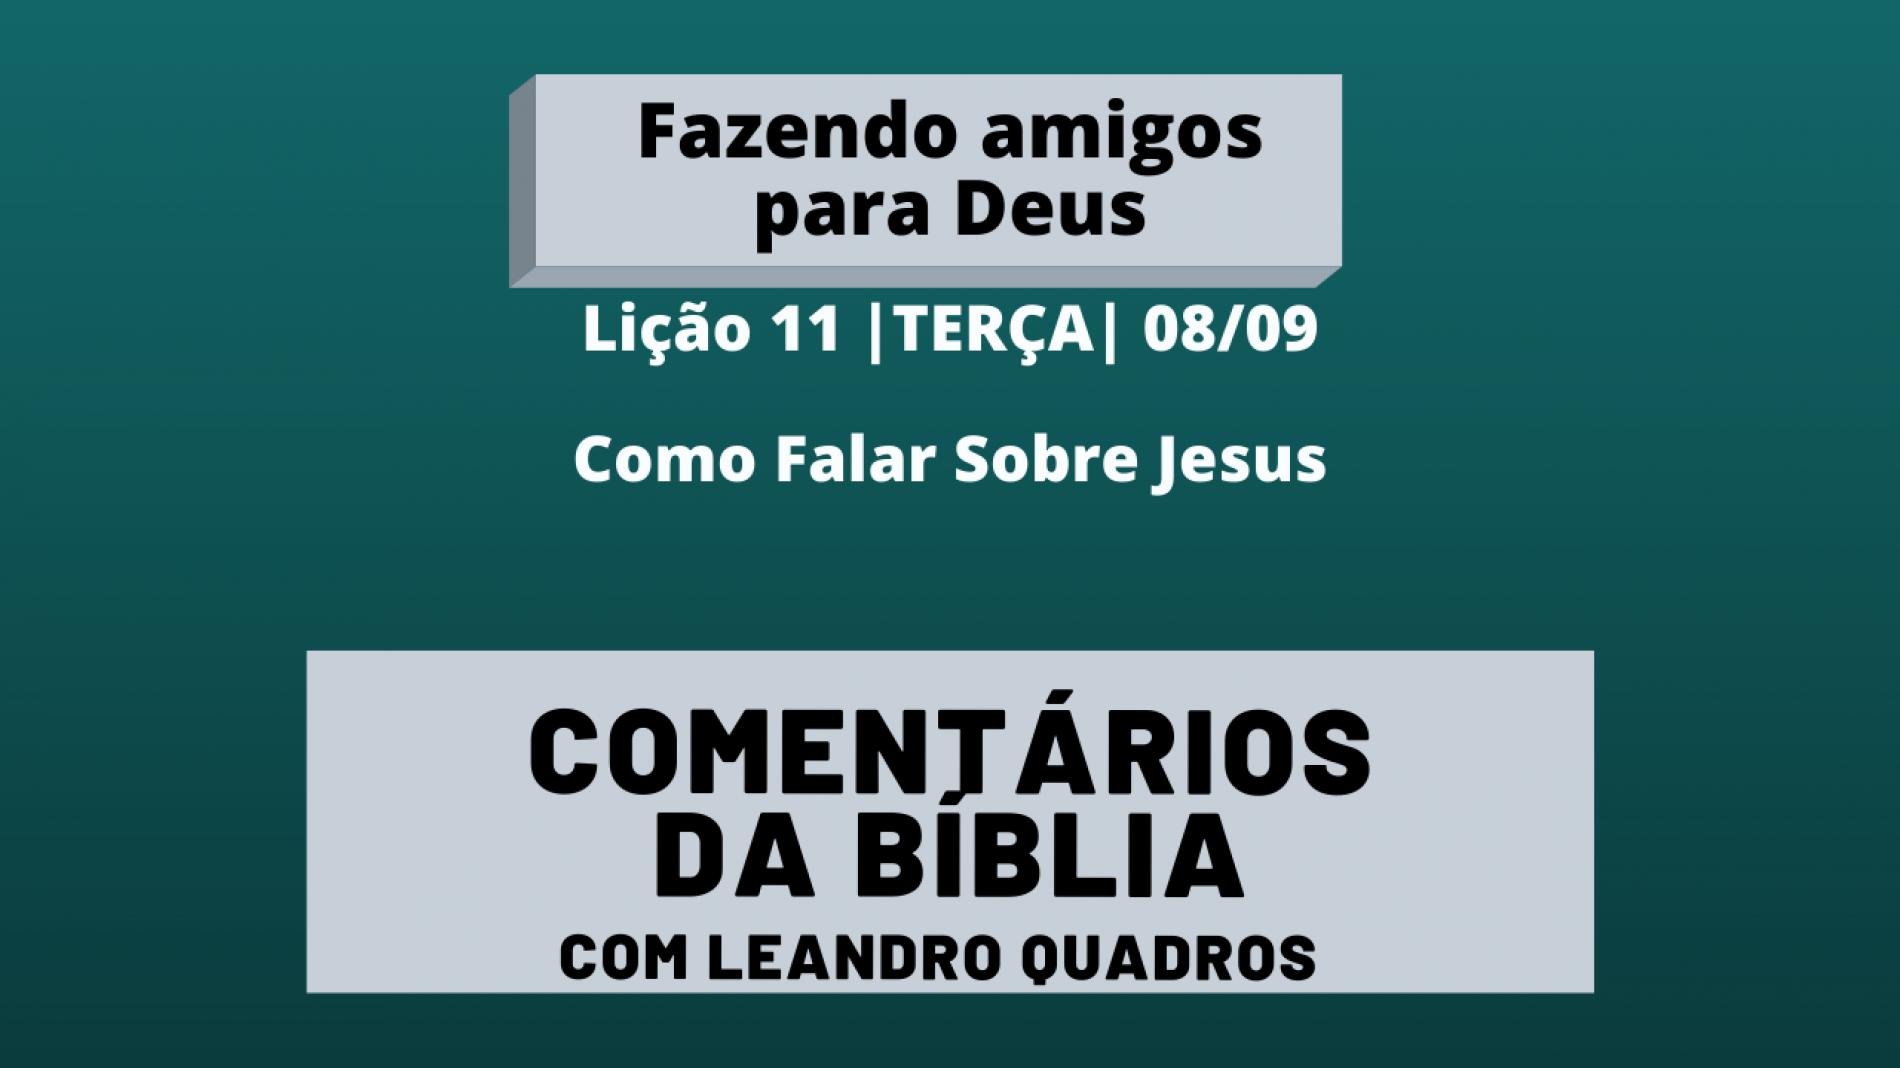 Terça |08/09| Como Falar Sobre Jesus – Lição 11